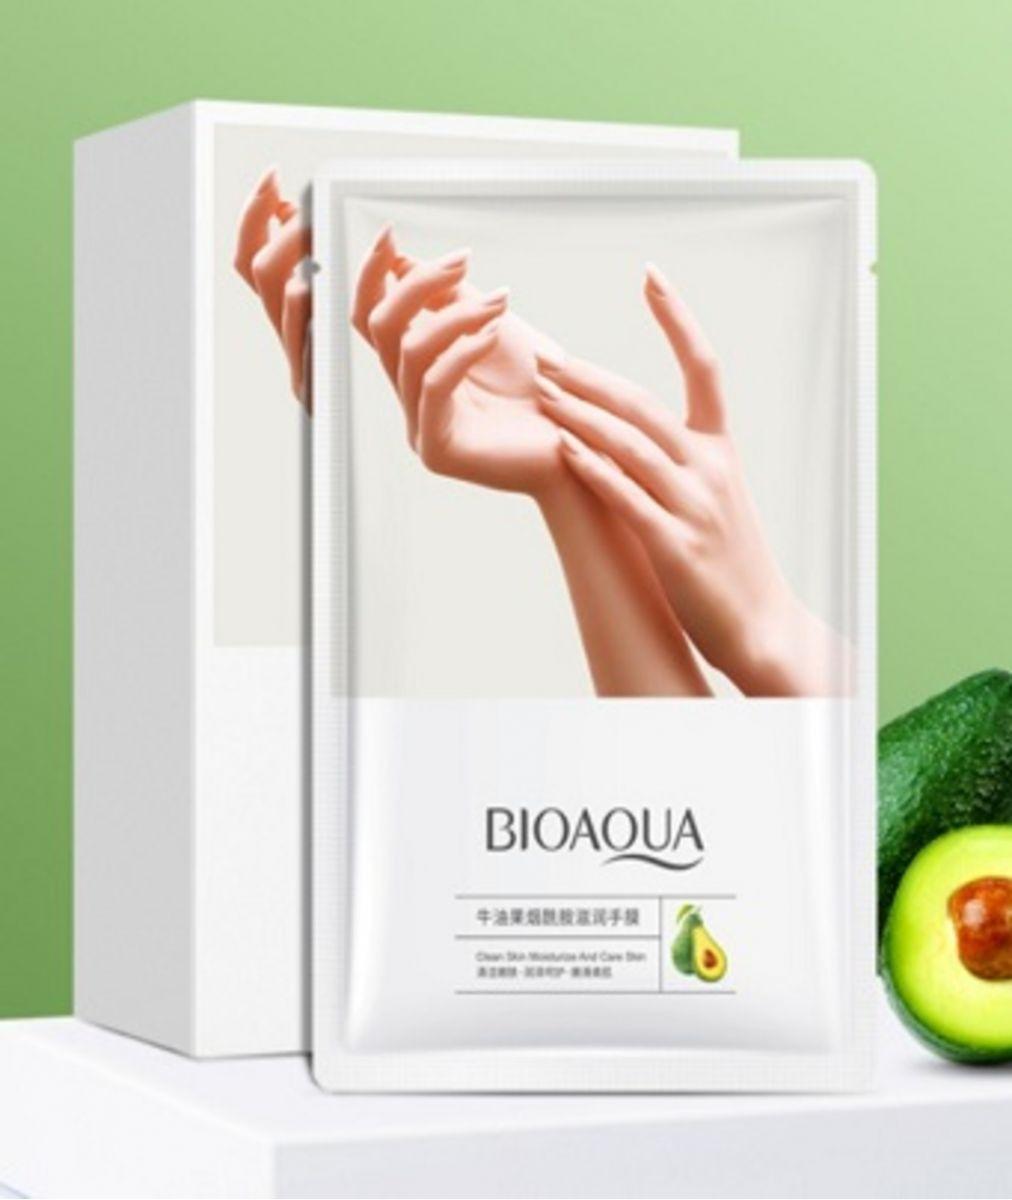 Маски-перчатки для питания и смягчения кожи рук с экстрактом авокадо  и маслом ши от «BIOAQUA».(65938)